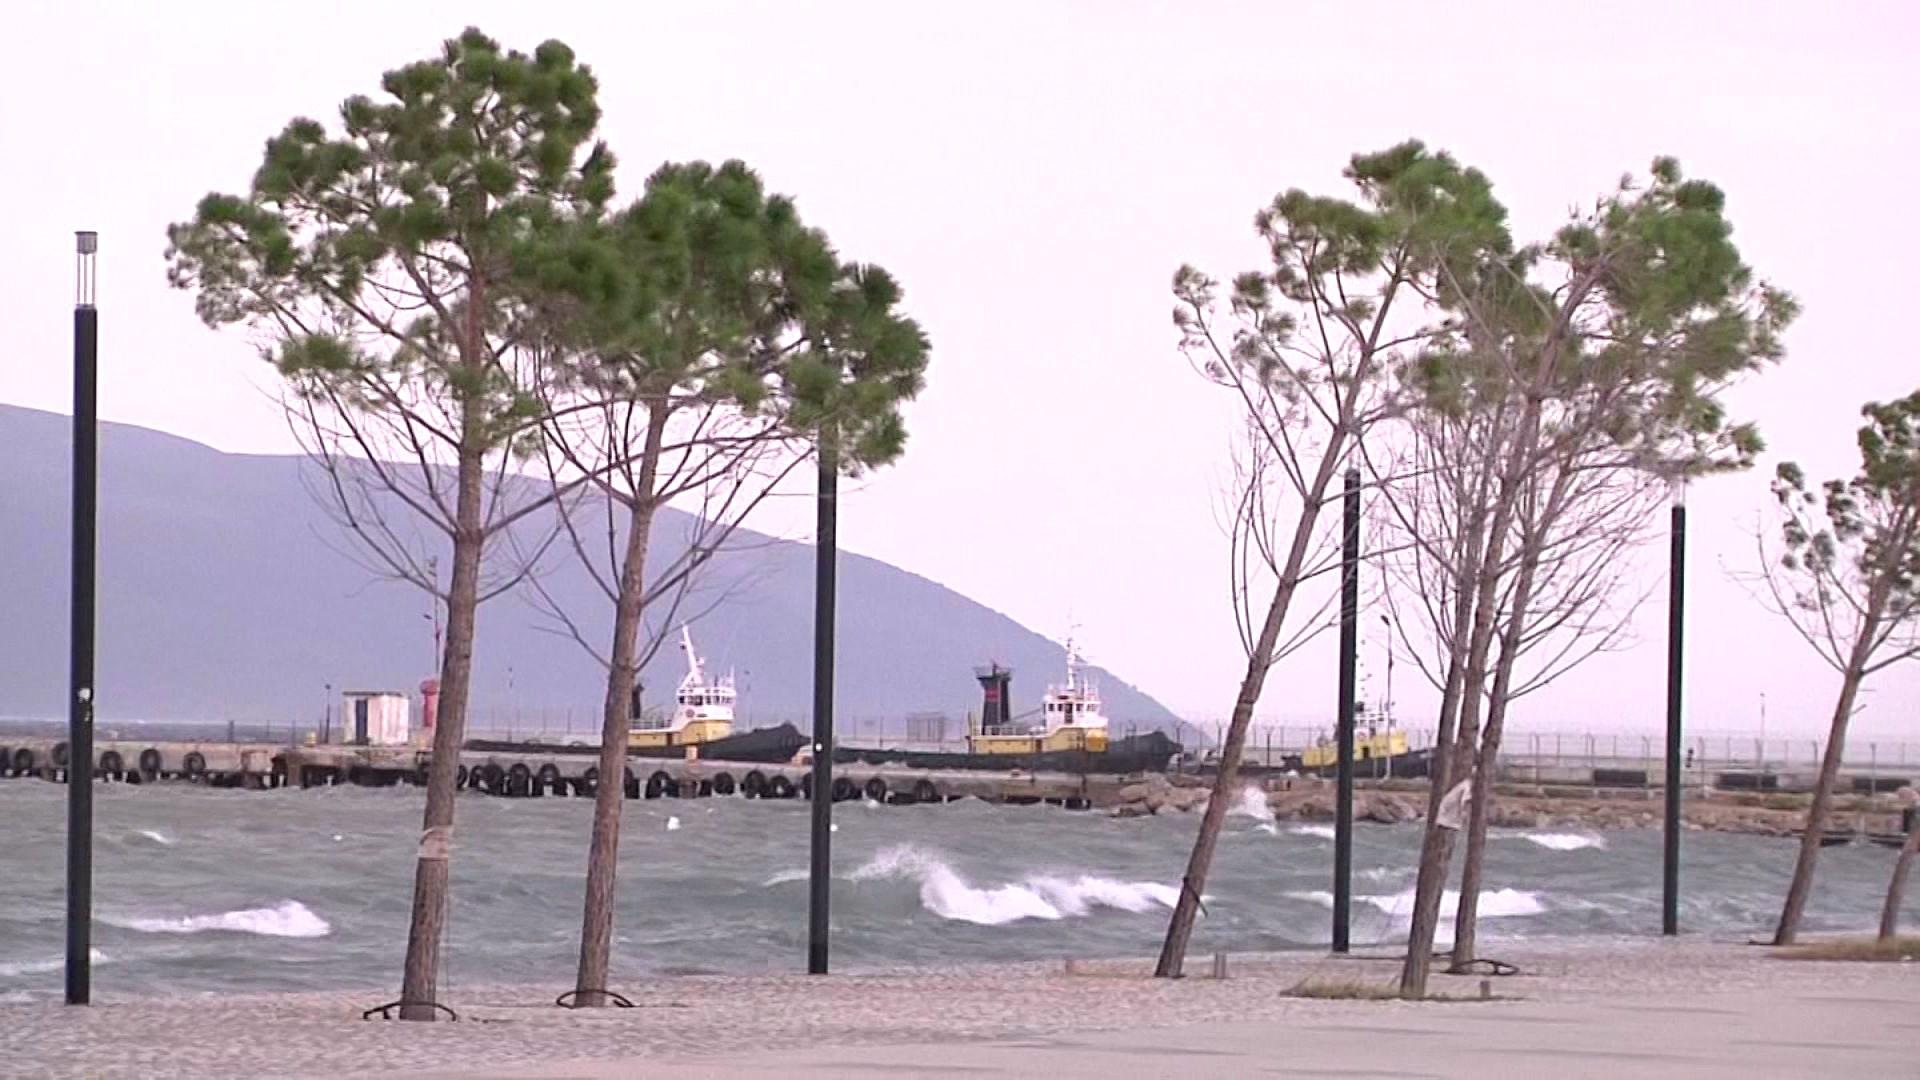 Pezullohet për dy ditë lundrimi i trageteve nga porti i Vlorës